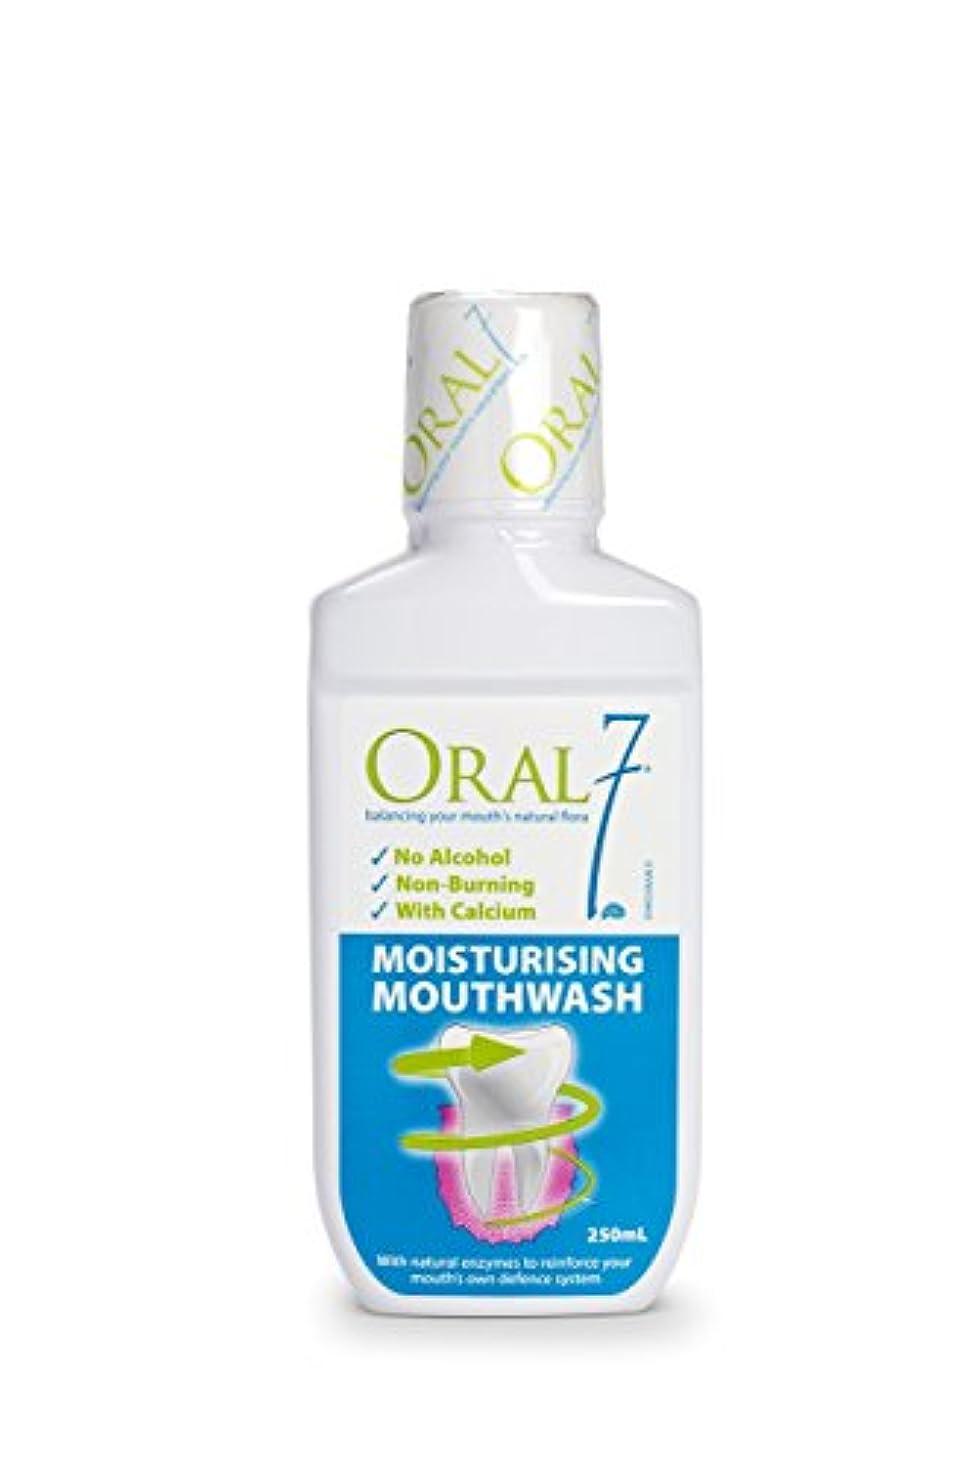 候補者データム奇跡オーラル7 モイスチャライジング マウスウォッシュ 250ml 4種の天然酵素配合!お口の乾燥対策に 口腔内保湿 口臭予防 ノンアルコール 口腔ケア